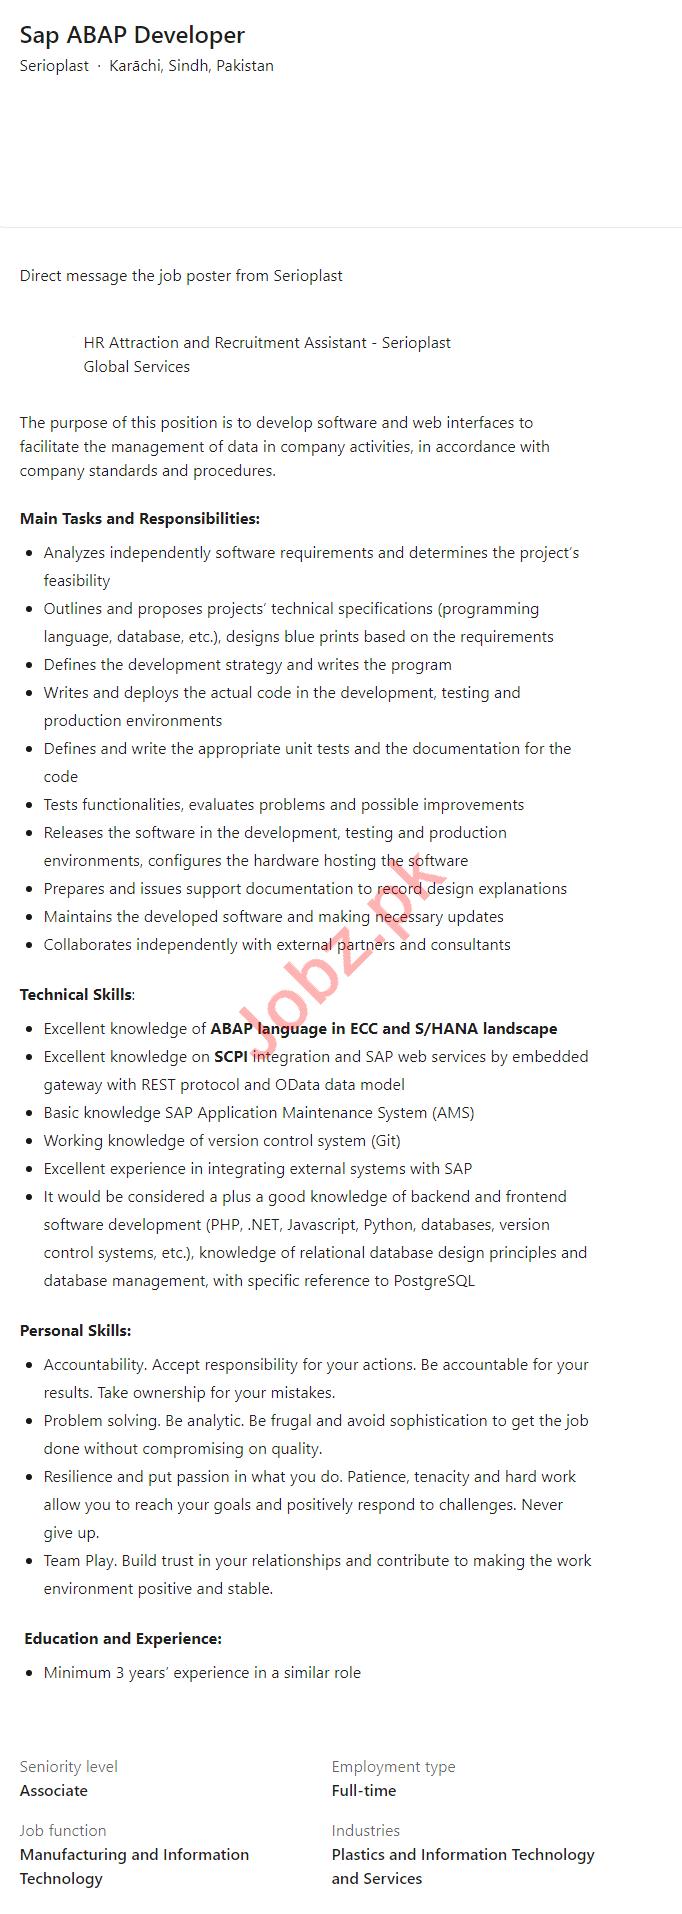 Serioplast Karachi Jobs 2021 for Sap ABAP Developer